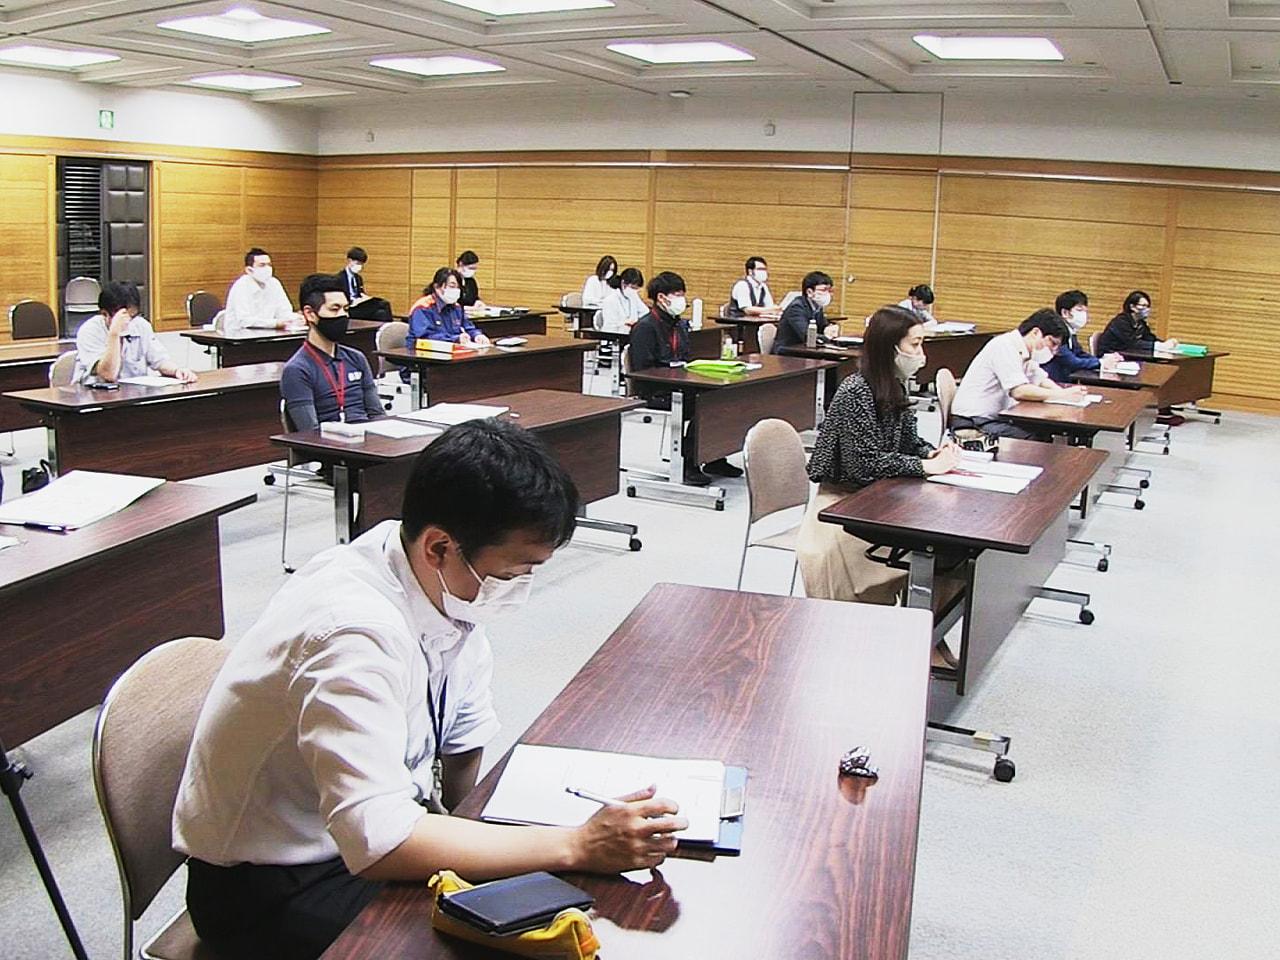 岐阜県高山市は行政のデジタル化を進めるため、2021年秋をめどにDX(=デジタル...